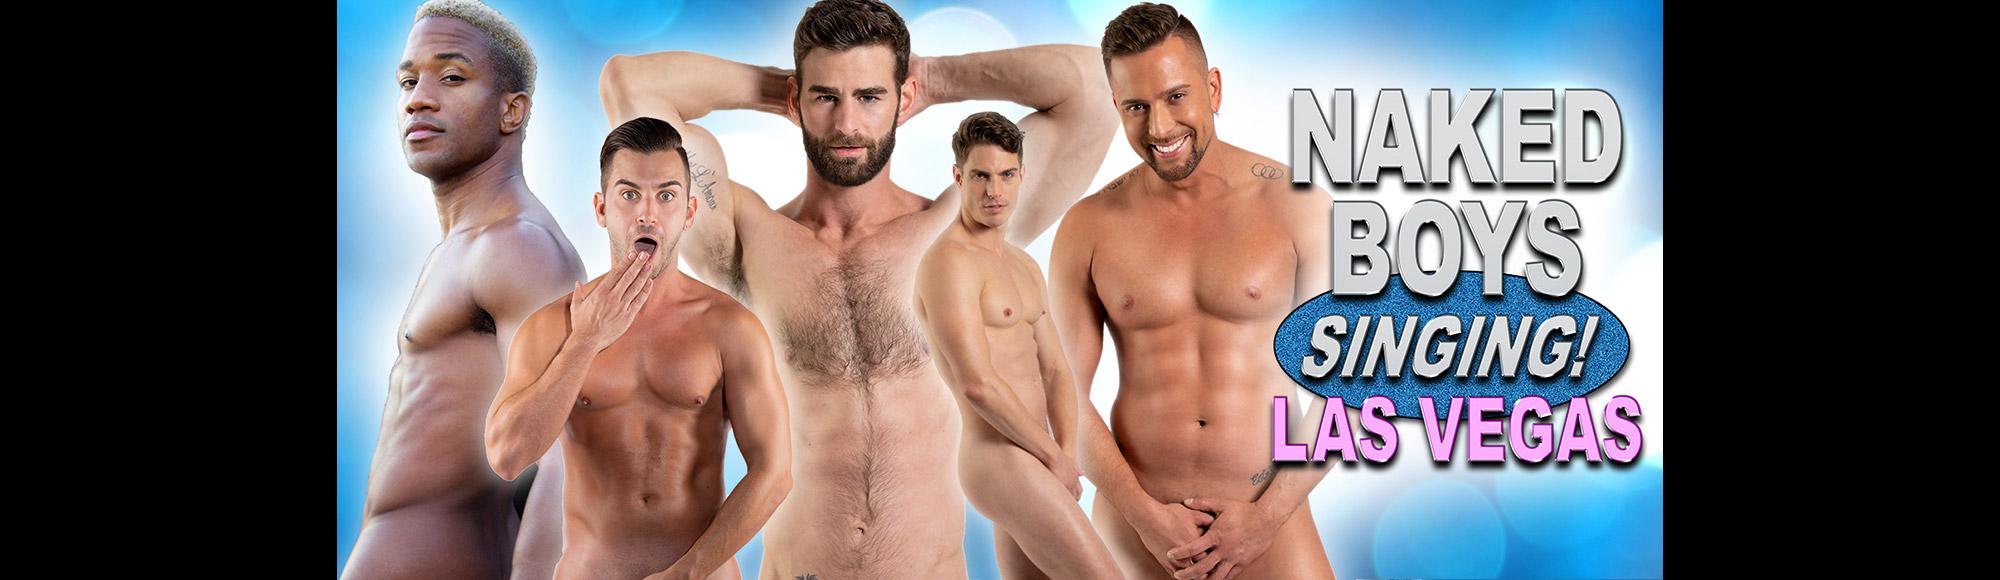 Naked Boys Singing show